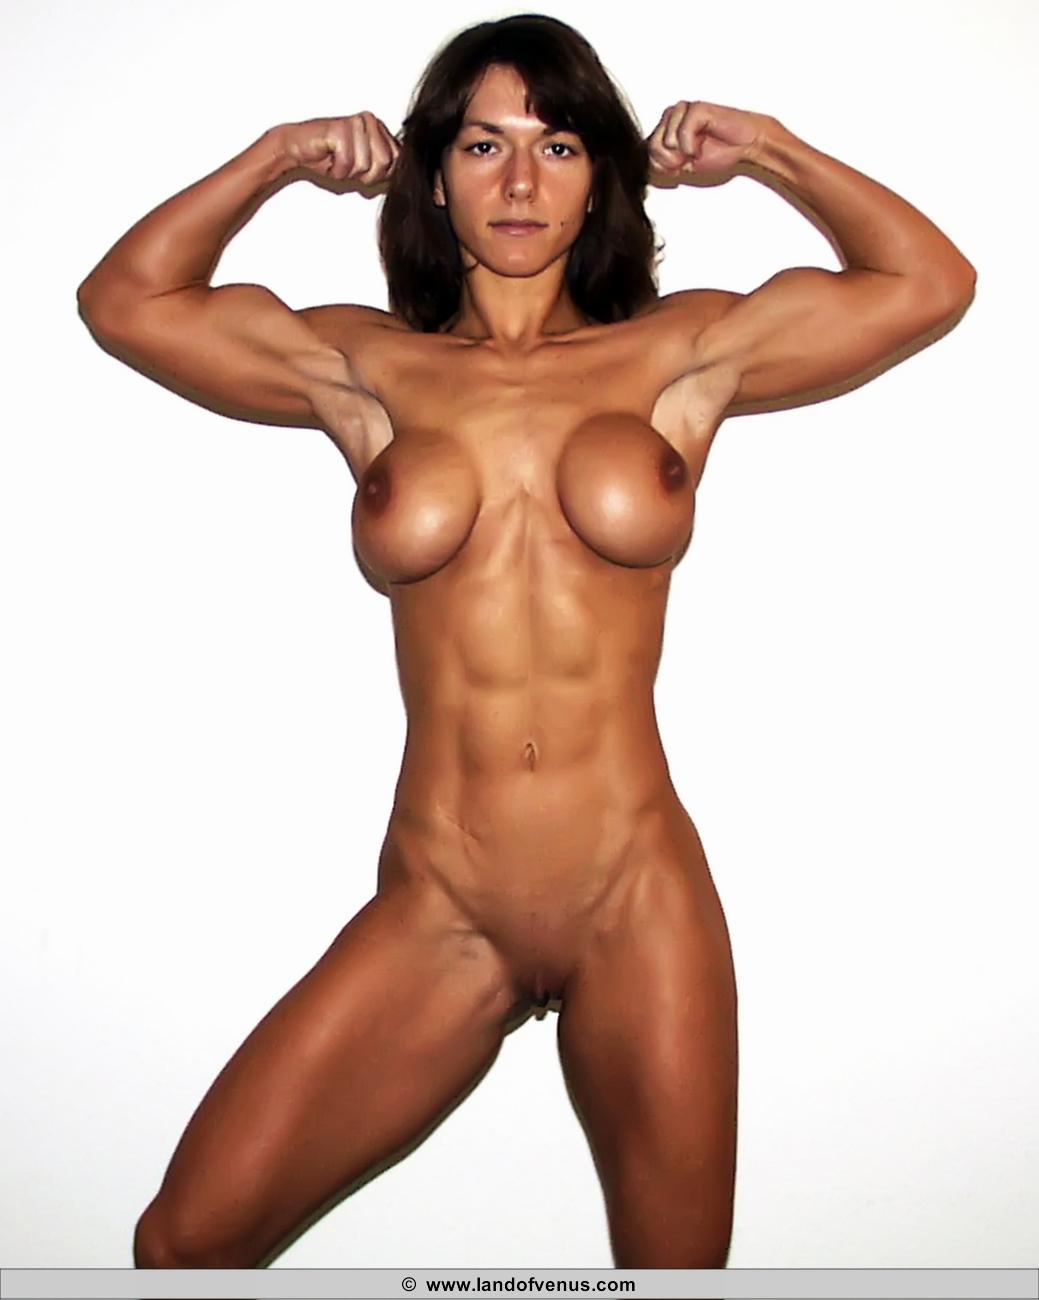 онлайн видео голые мускулистые вот это